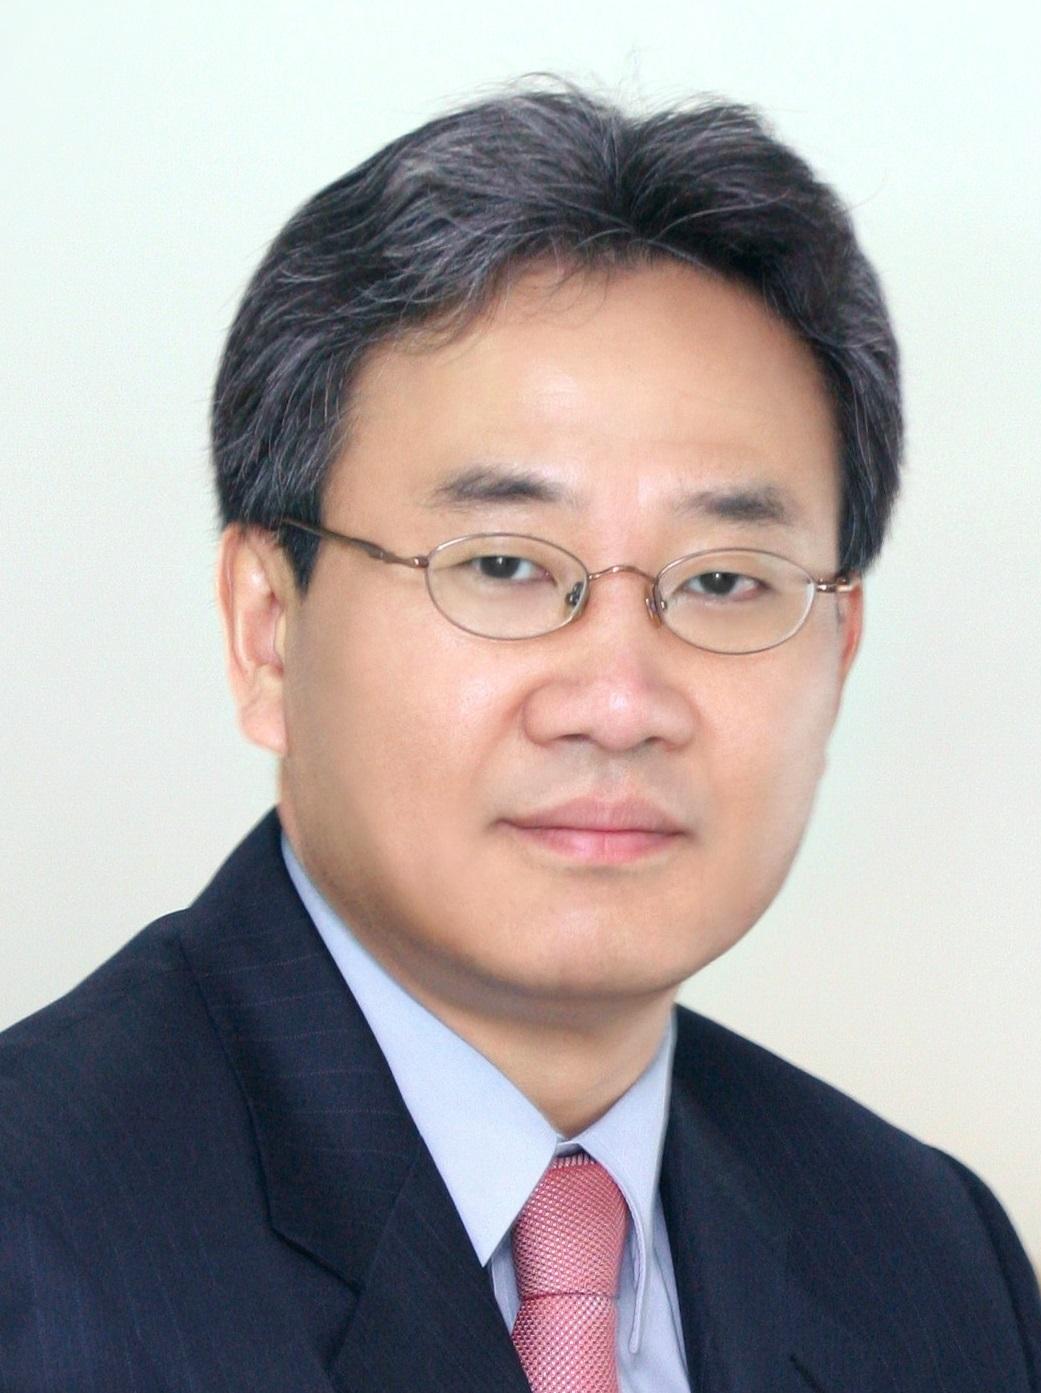 Dukjoon Kim